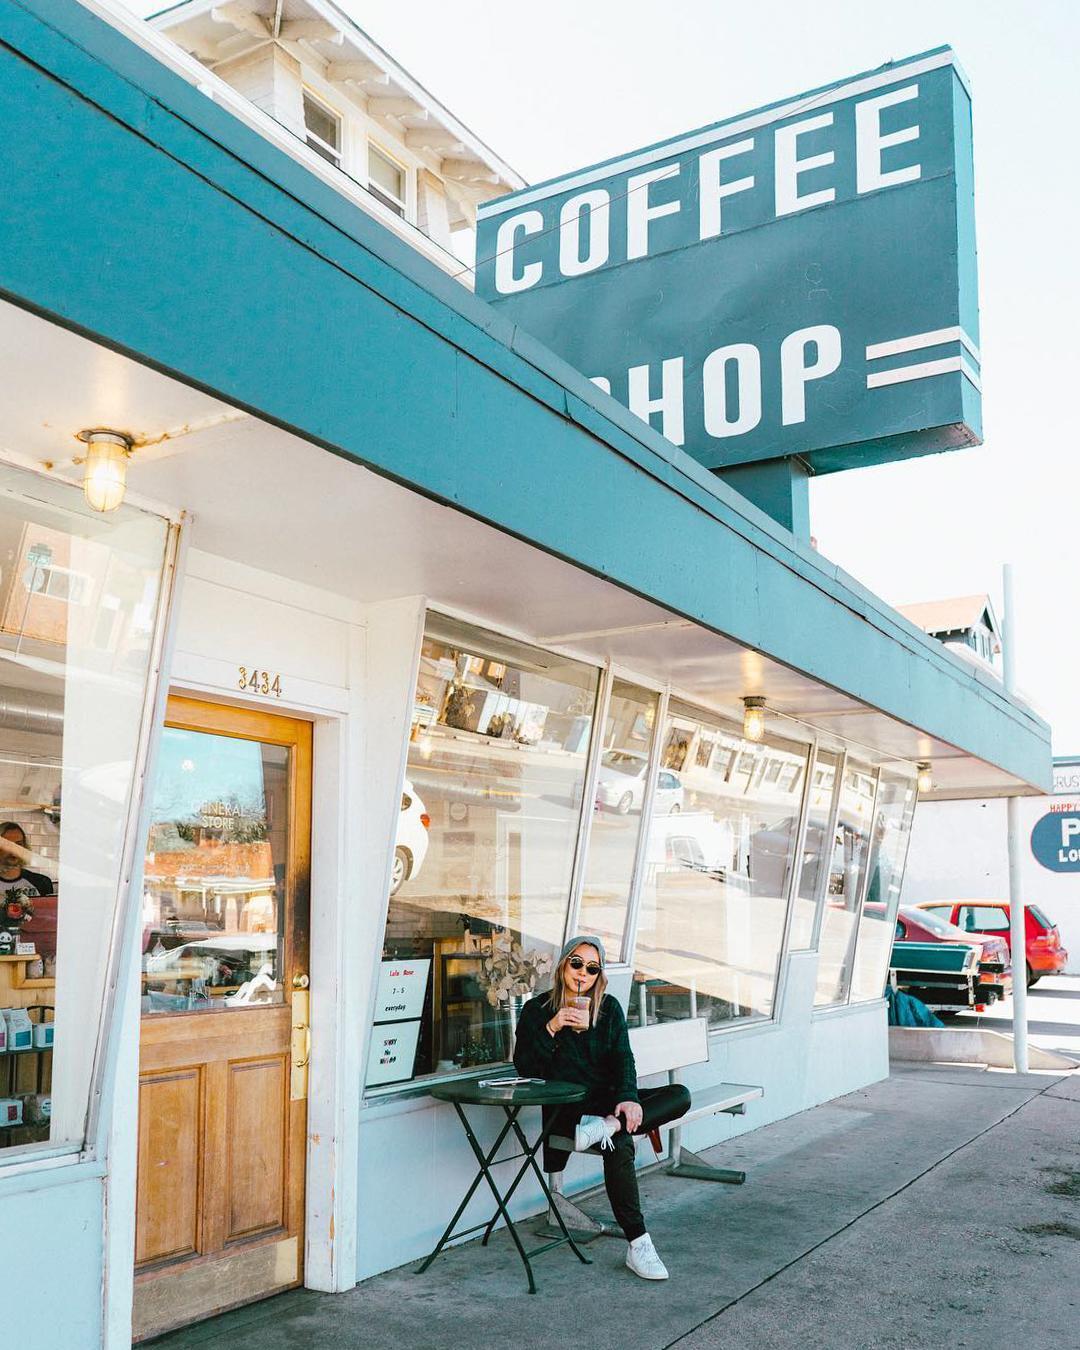 14 of the Best Coffee Shops Around Denver, Colorado